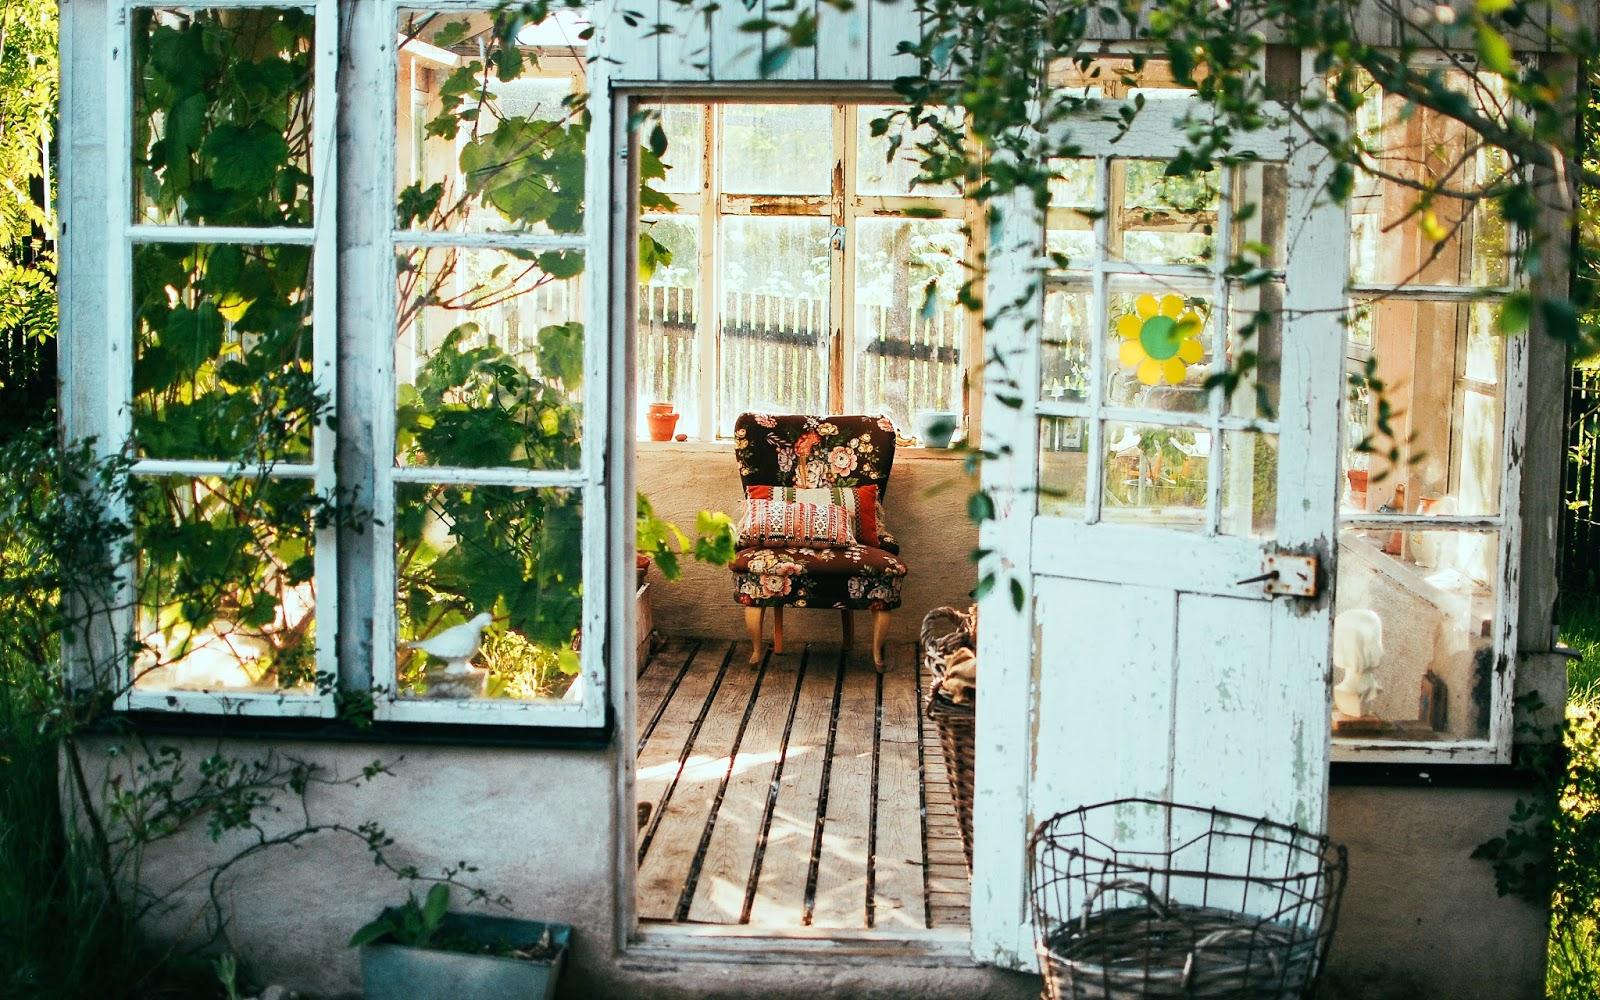 Gezellig Zonnig Balkon : Maak je tuin of balkon gezellig met deze items proof over